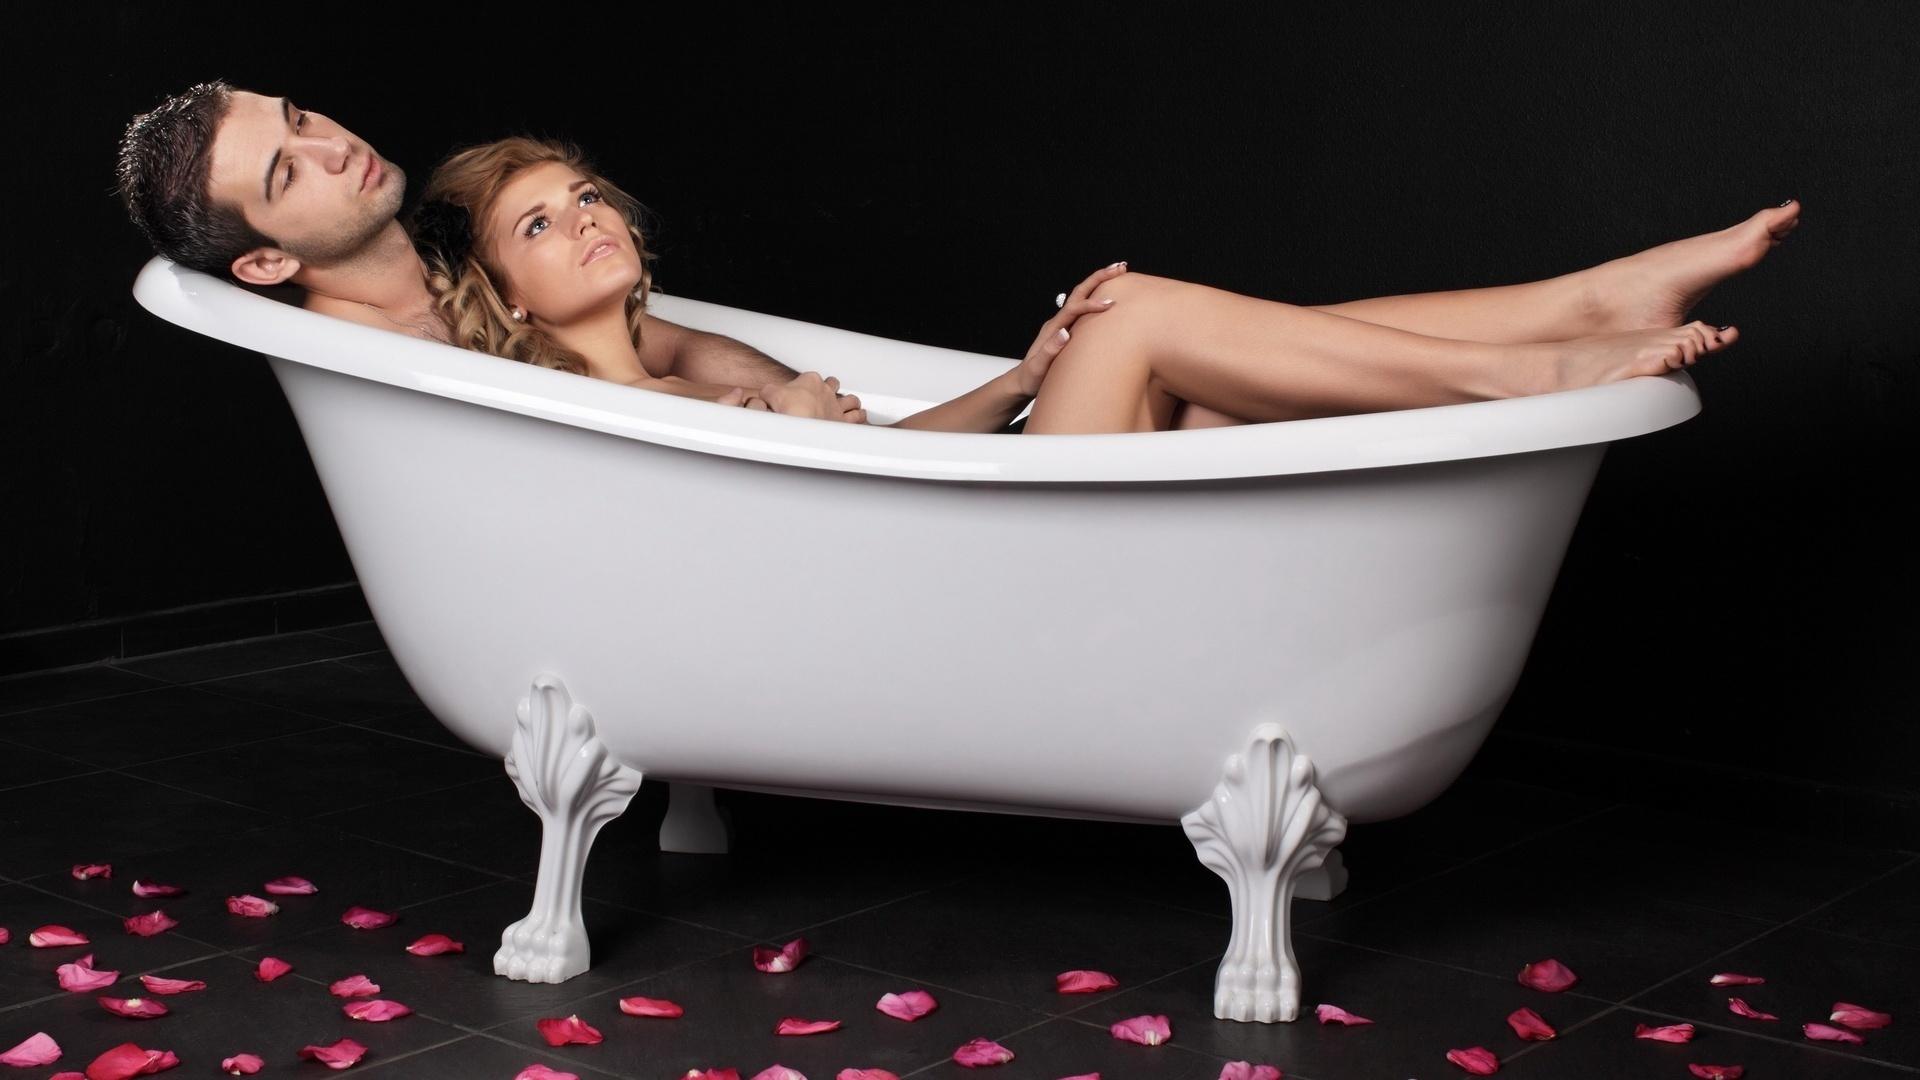 Эротика в ваннах с розами фото 744-838